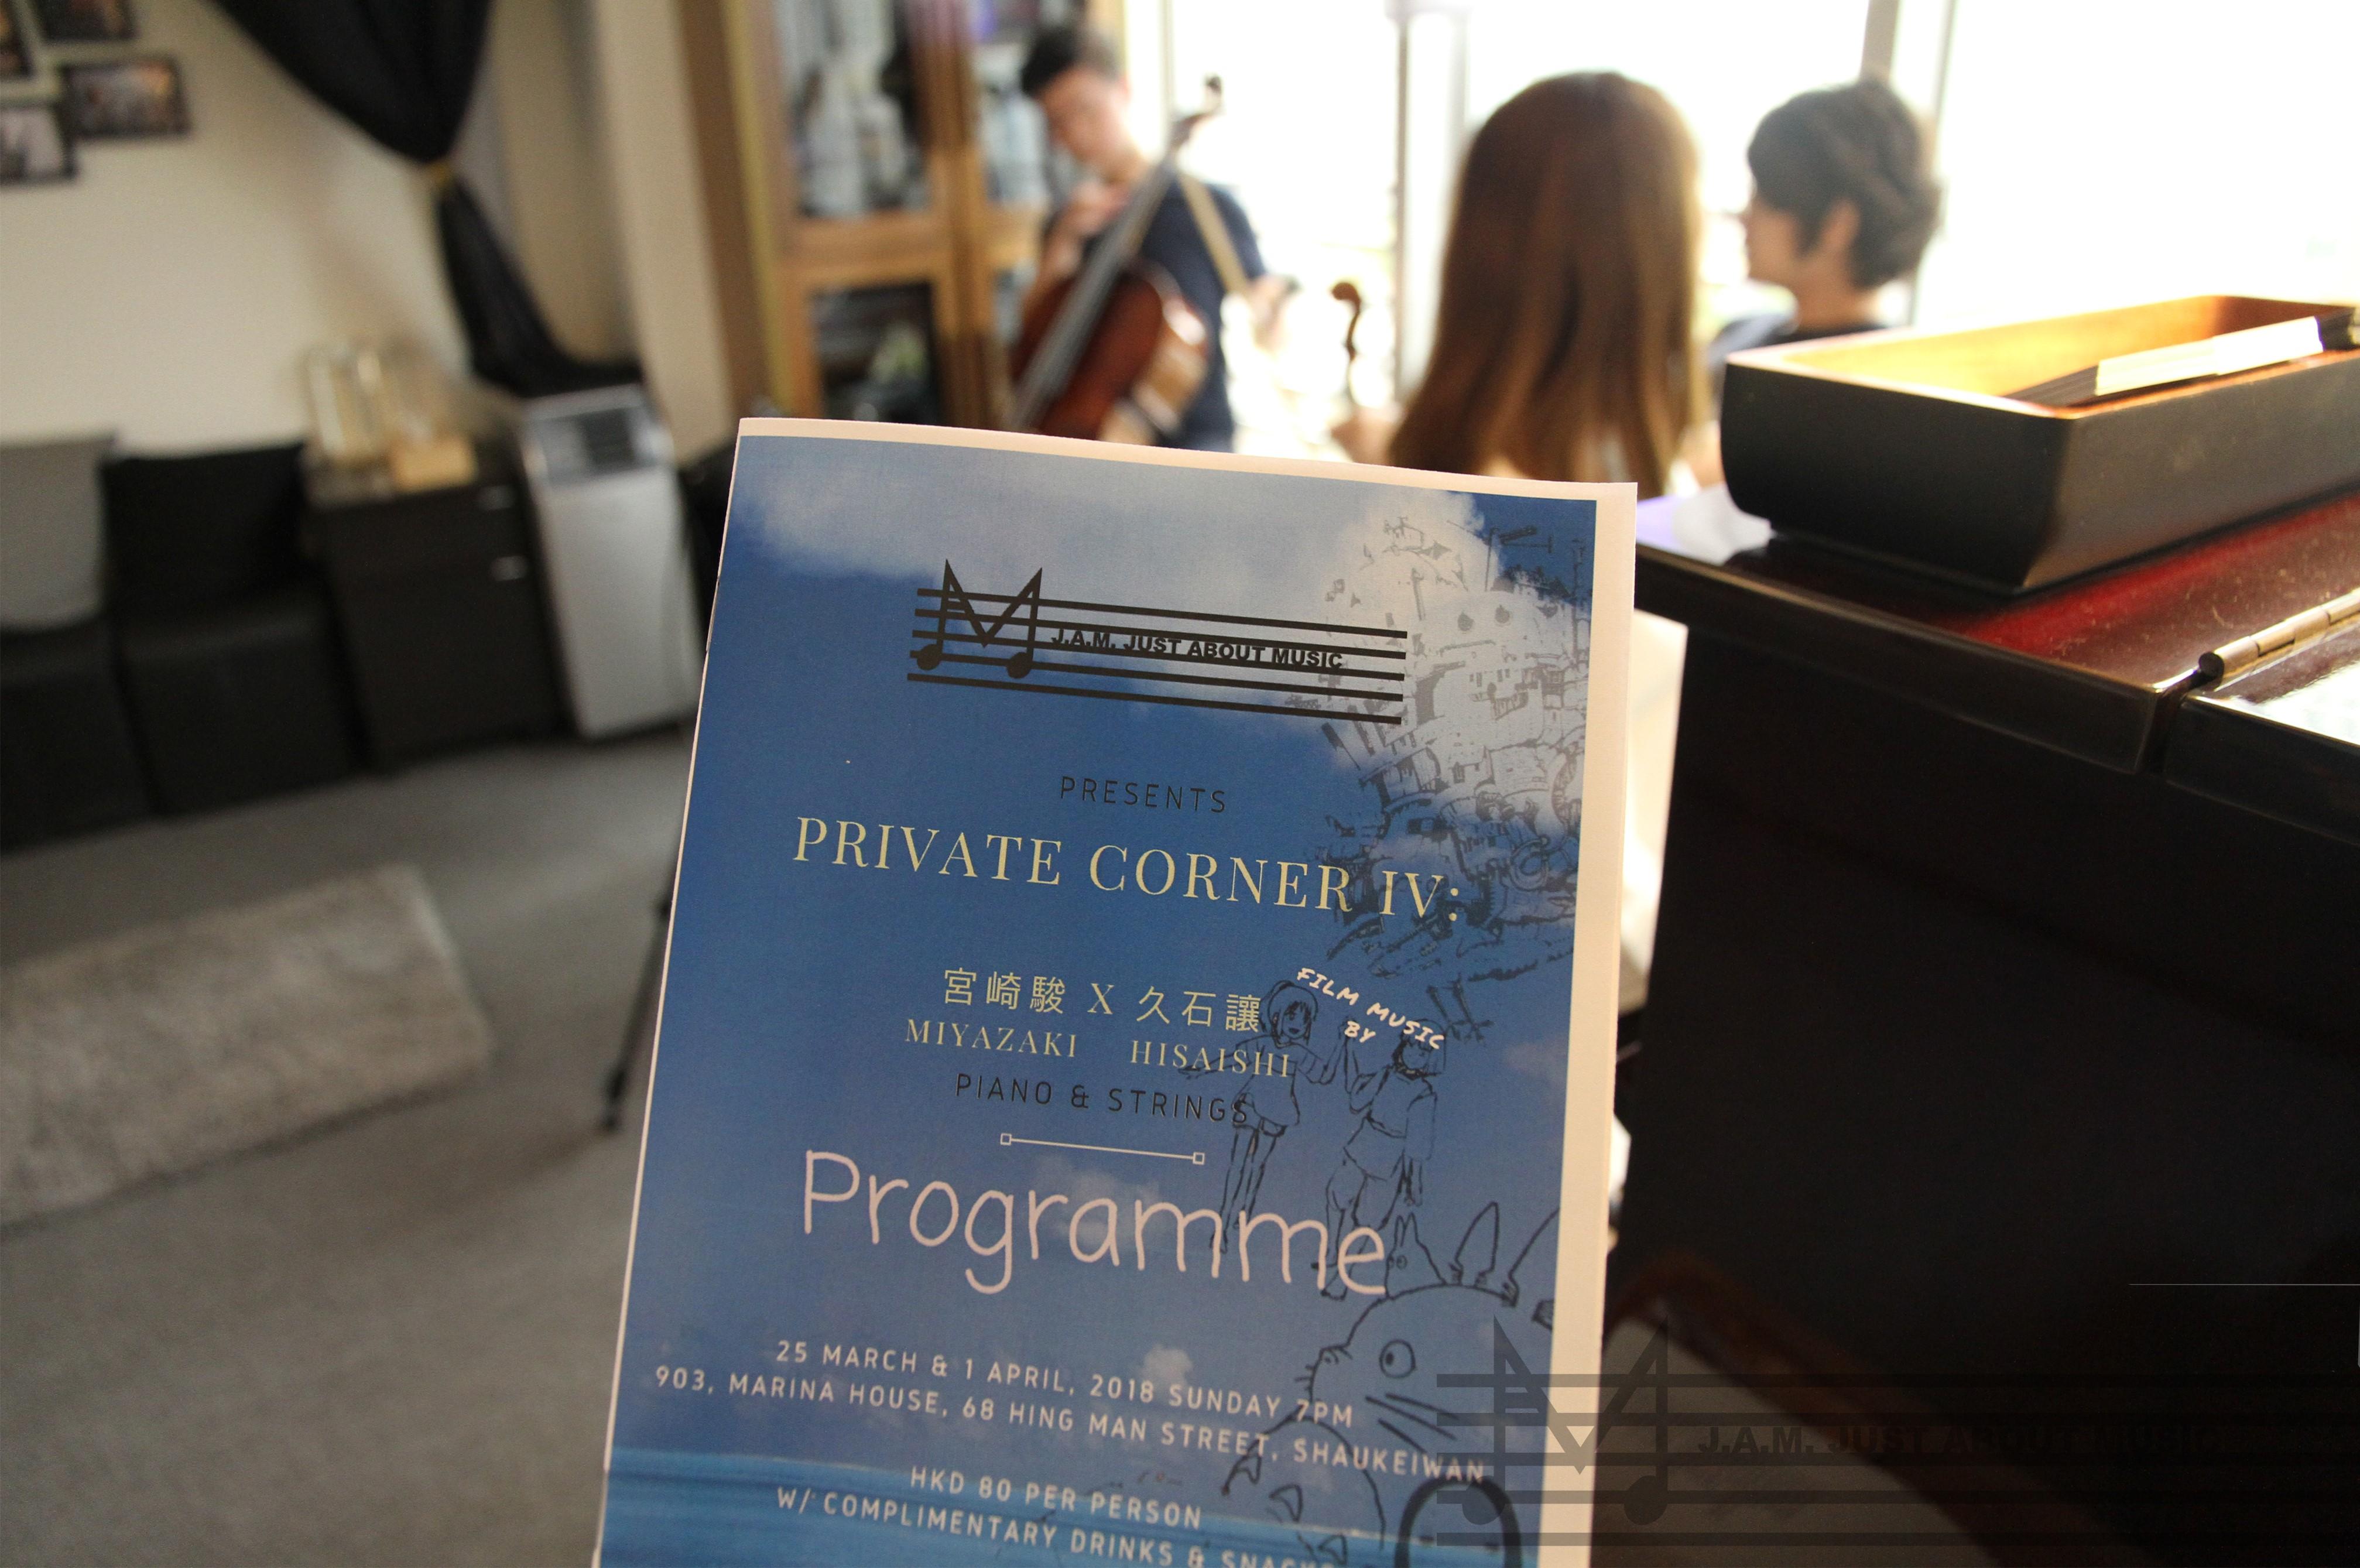 Private Corner